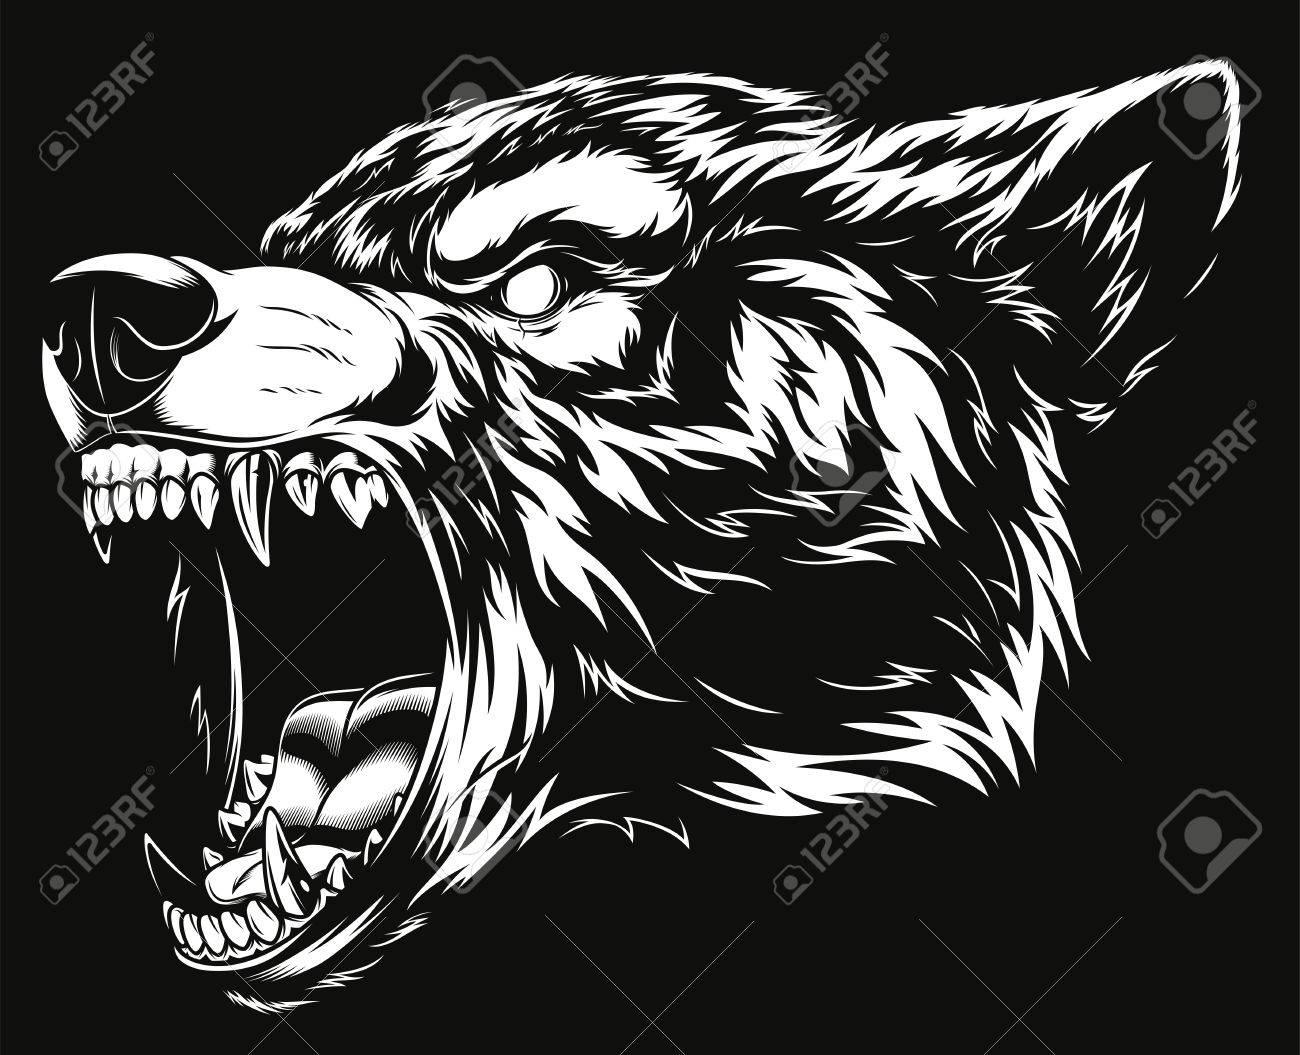 Ferocious wolf head illustration. - 84286576